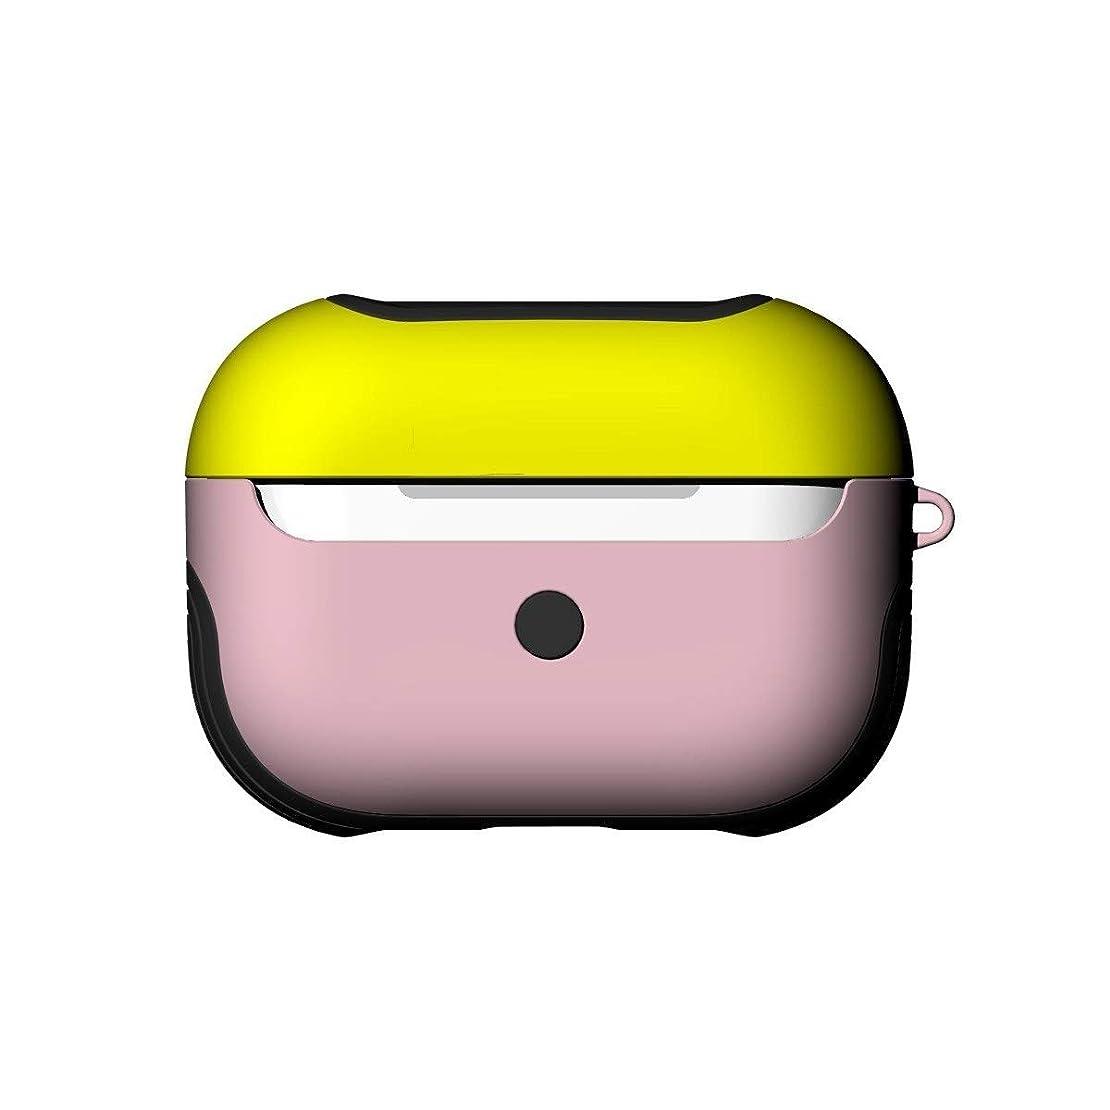 気まぐれな持ってるリンクLHSY 保護ケースAirPodsProセットワイヤレスBluetoothヘッドセットカバーAirpods3ボックスセットドロップ保護ケース (Color : Yellow+Pink)